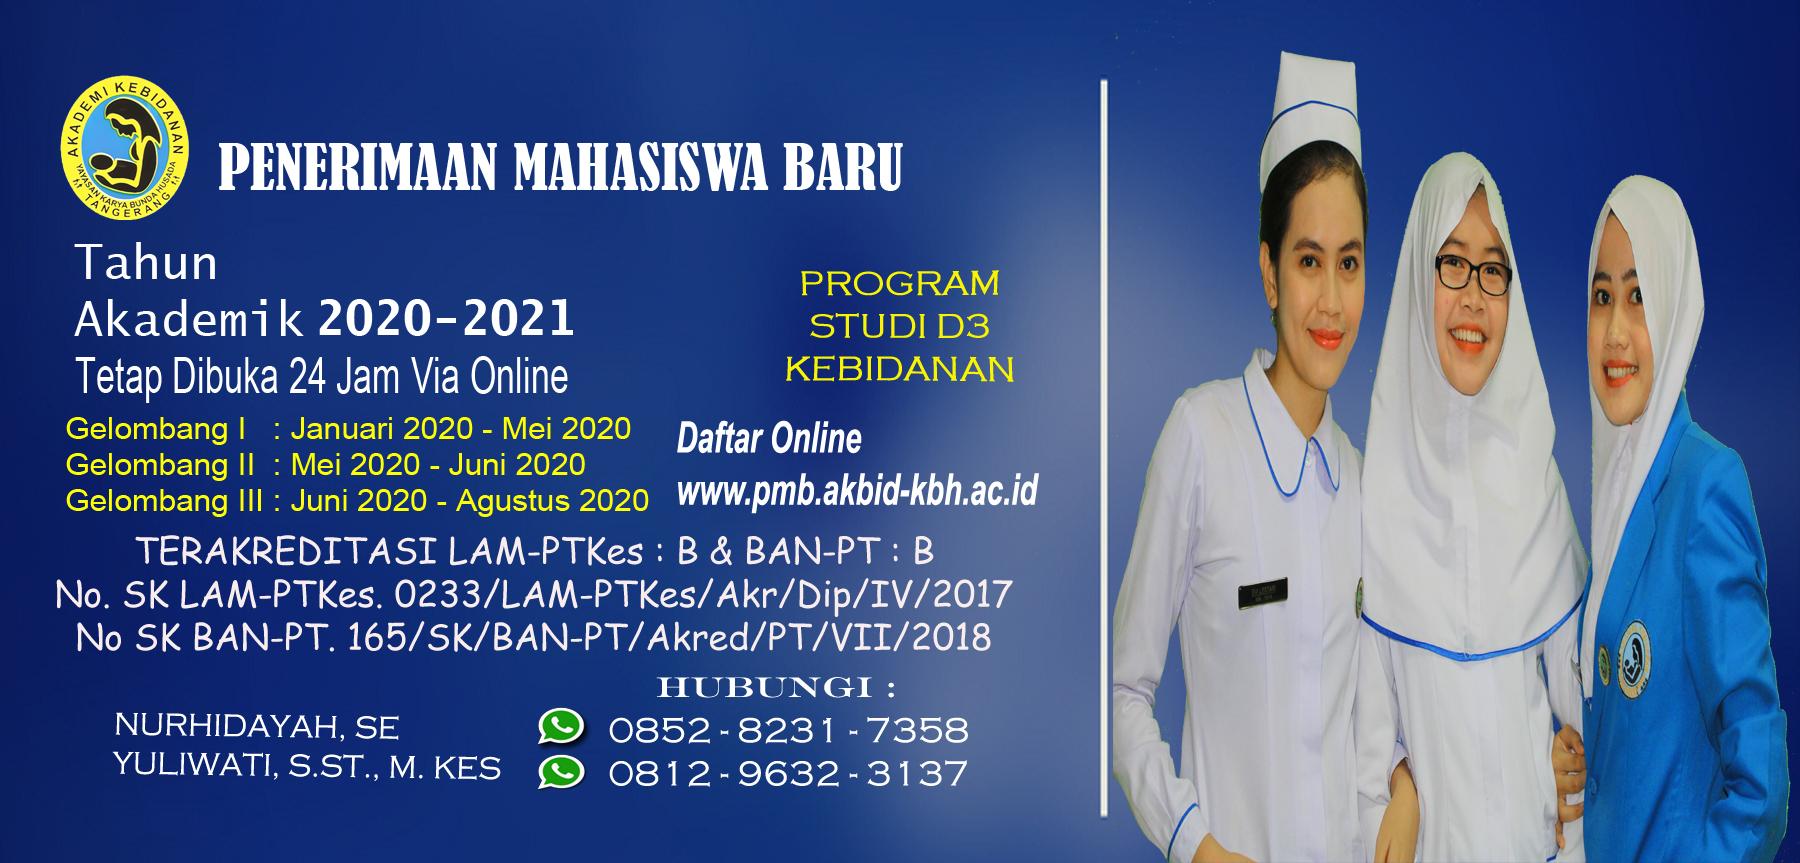 Penerimaan Mahasiswa Baru Tahun Akademik 2020/2021 Tetap Dibuka 24 Jam Via Online